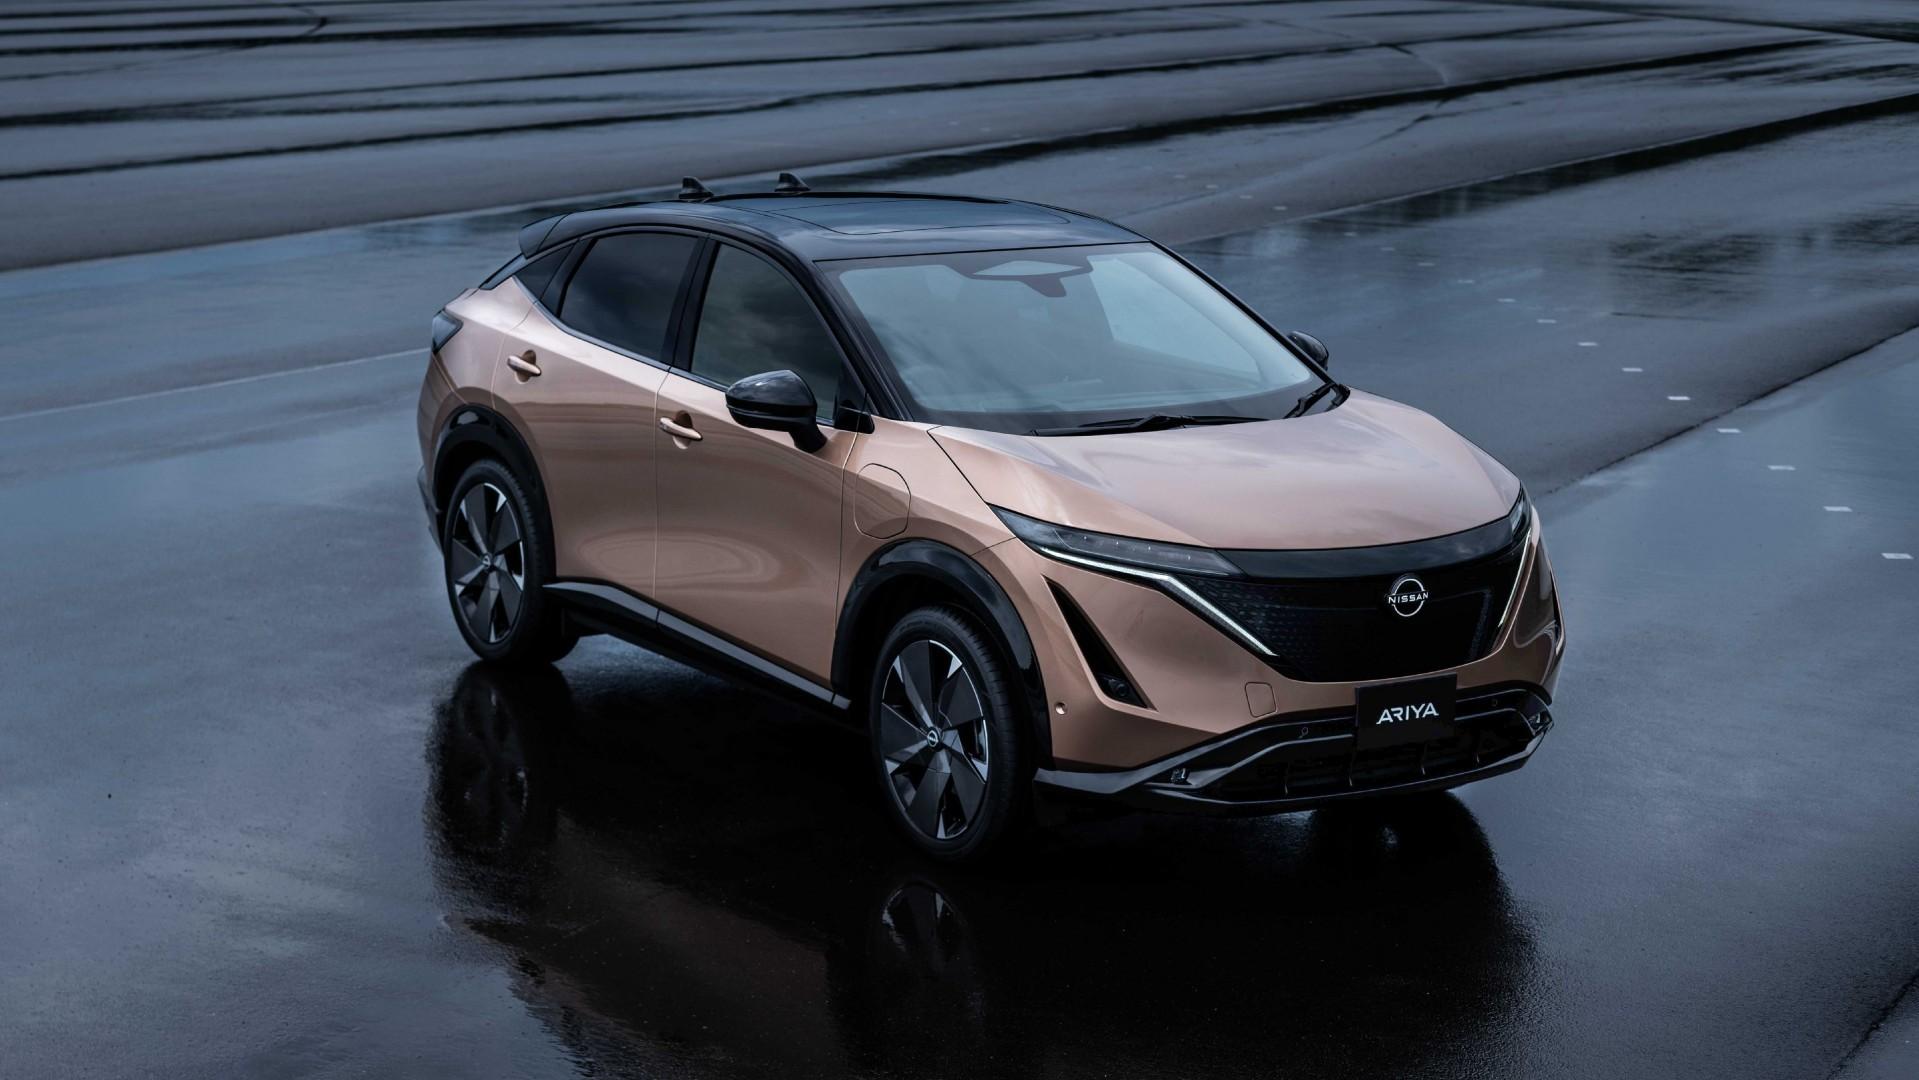 El nuevo Nissan Ariya ya ha aterrizado en Europa